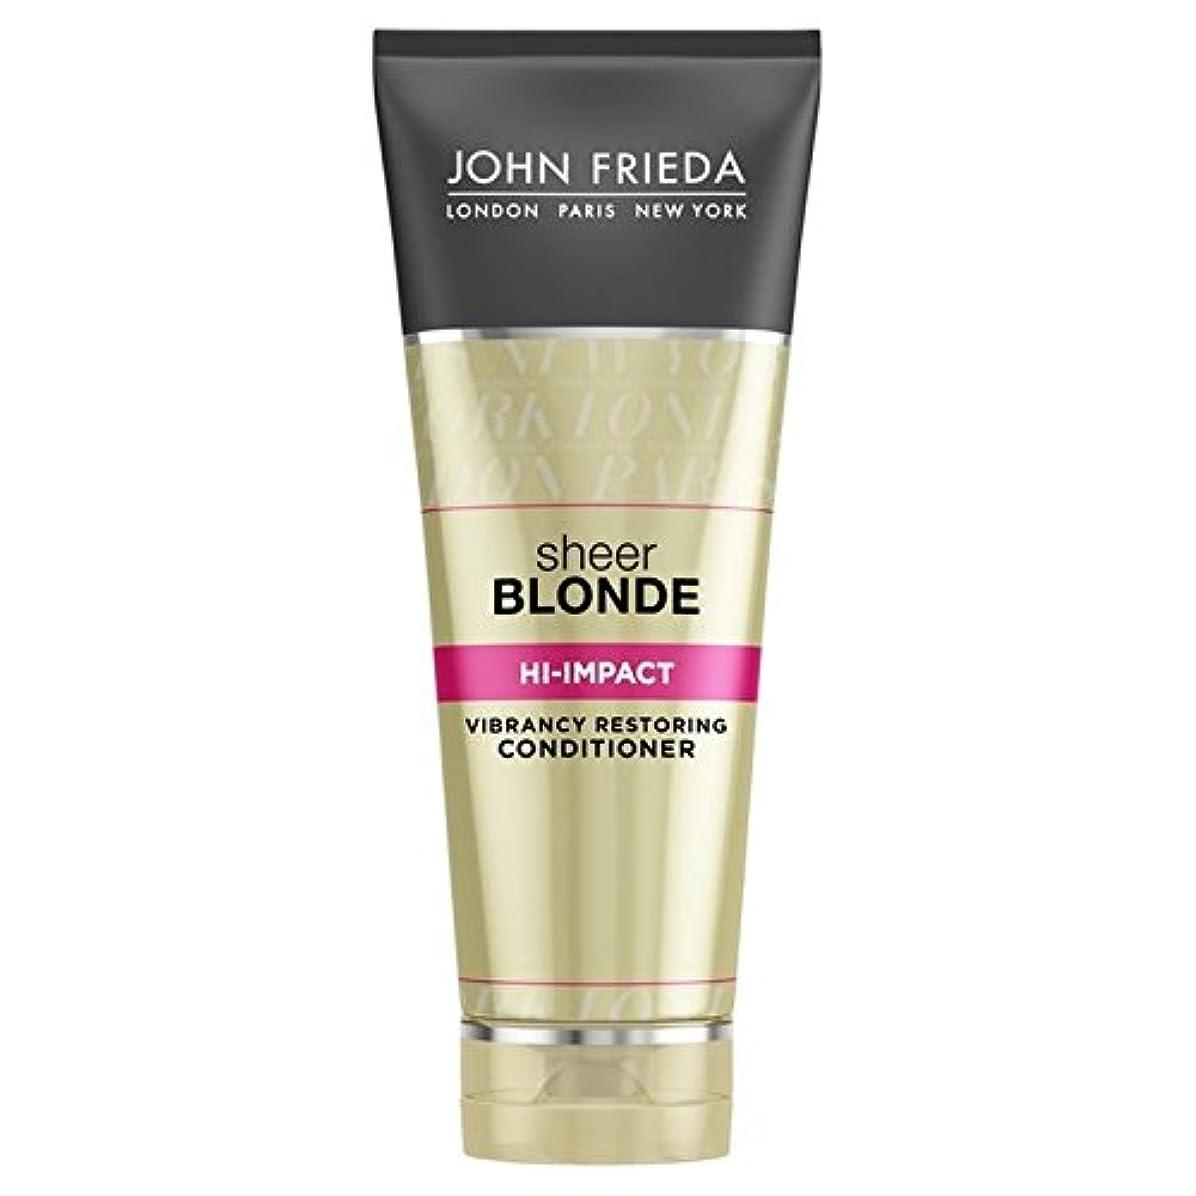 ジョン?フリーダ膨大なブロンドハイインパクトコンディショナー250 x4 - John Frieda Sheer Blonde Hi Impact Conditioner 250ml (Pack of 4) [並行輸入品]